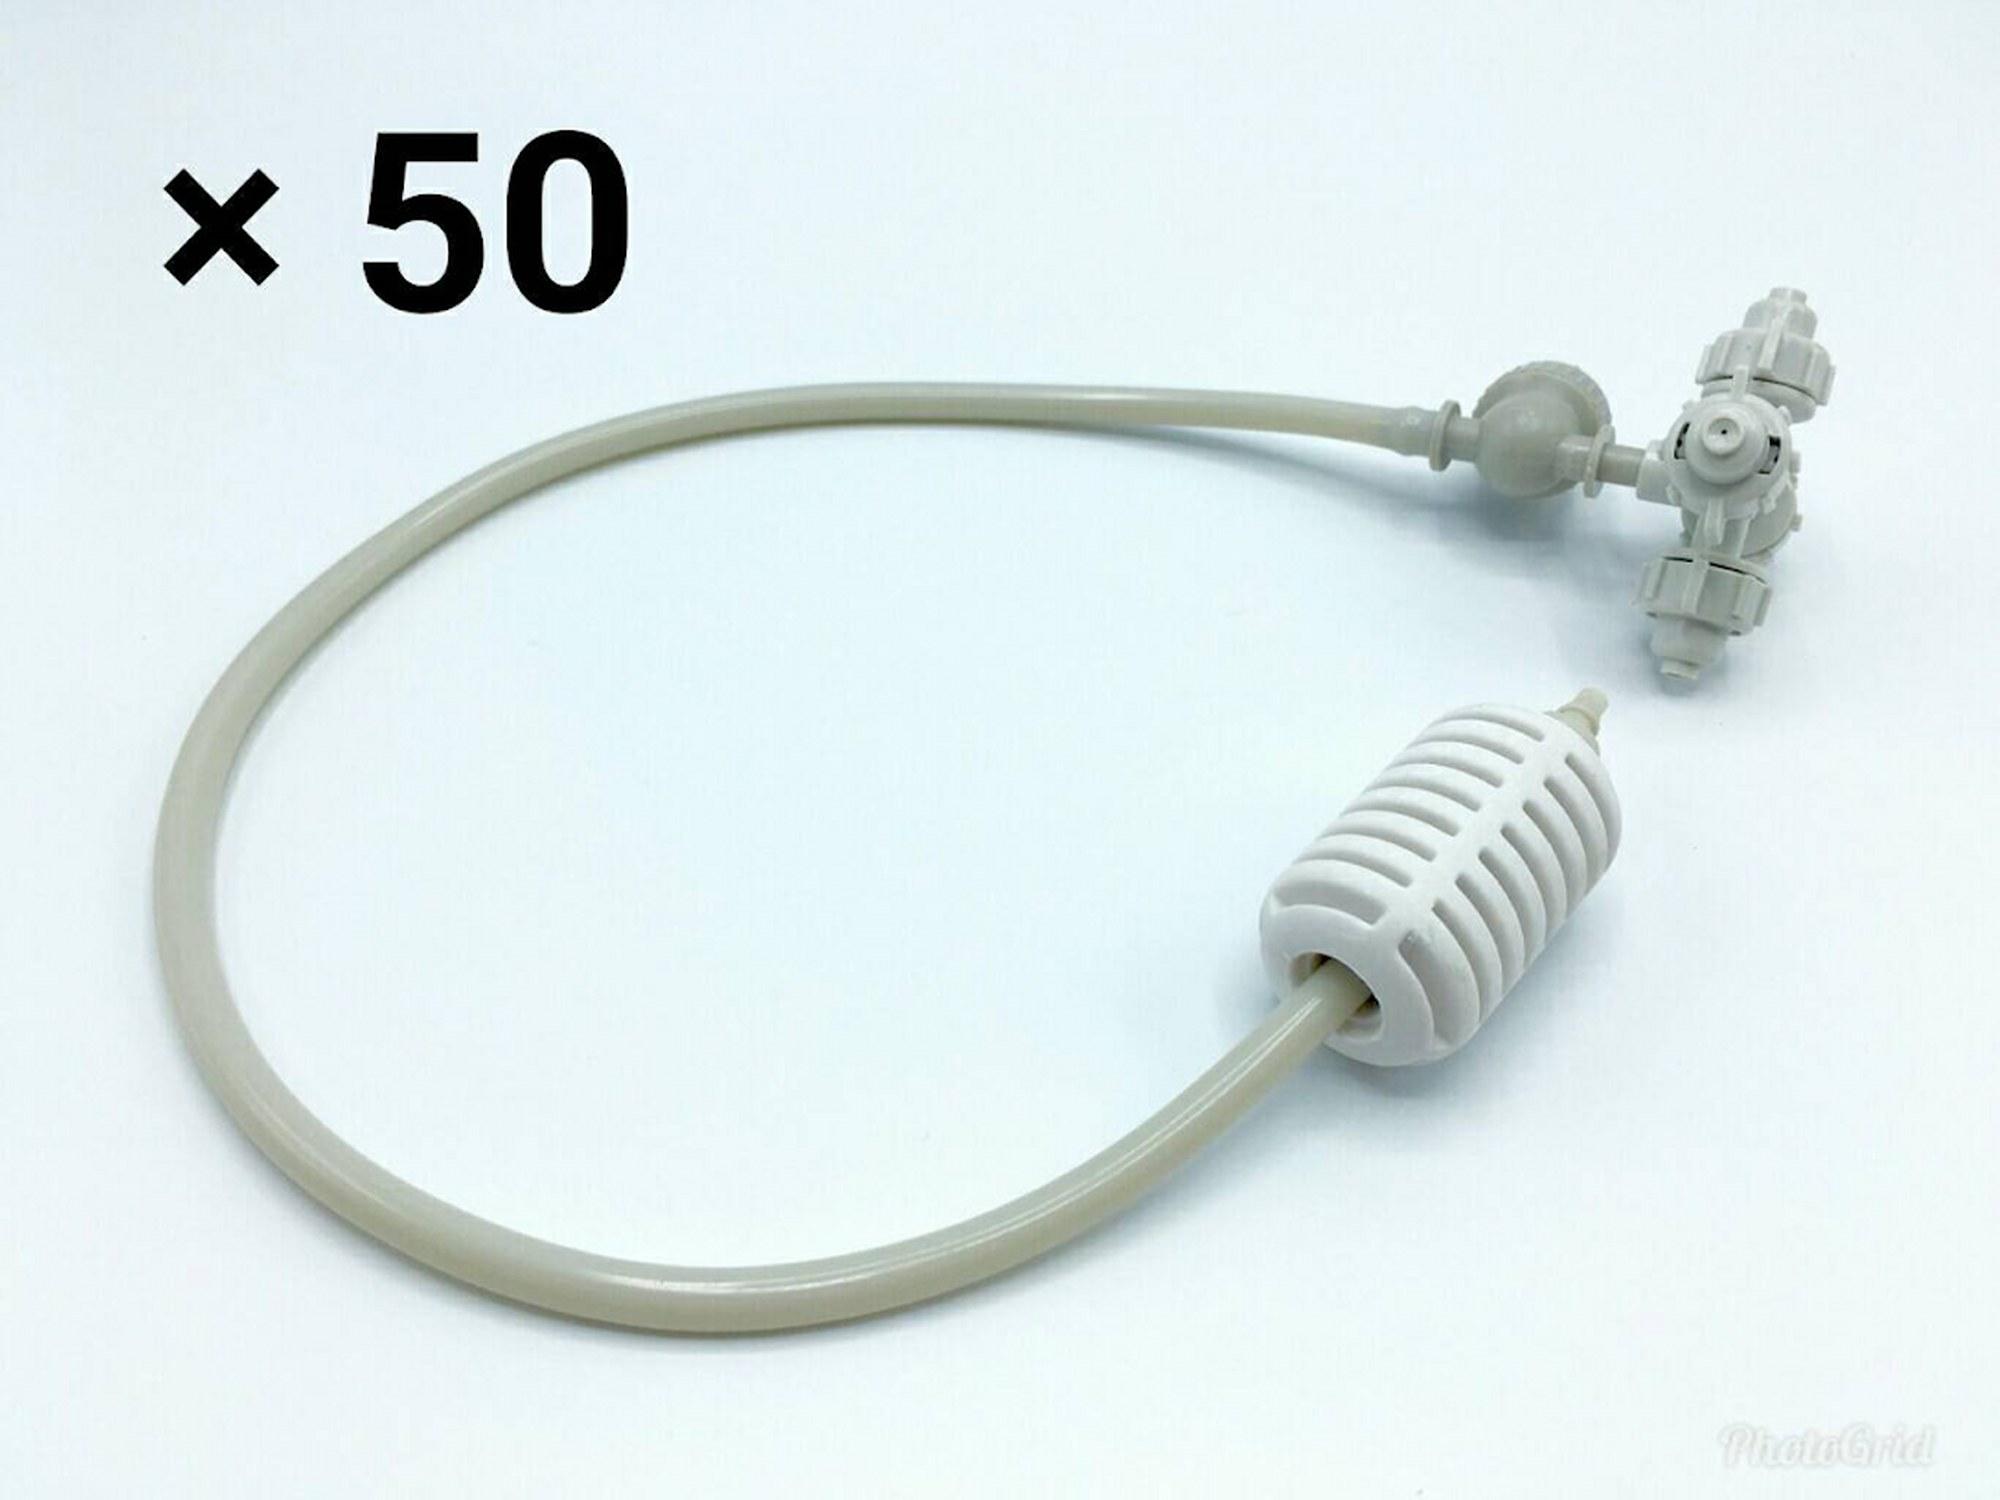 หัวพ่นหมอก 4 ทางเนต้าฟิล์ม 0.6 mm. 50 ชุด ( ชุดละ 95 บาท )